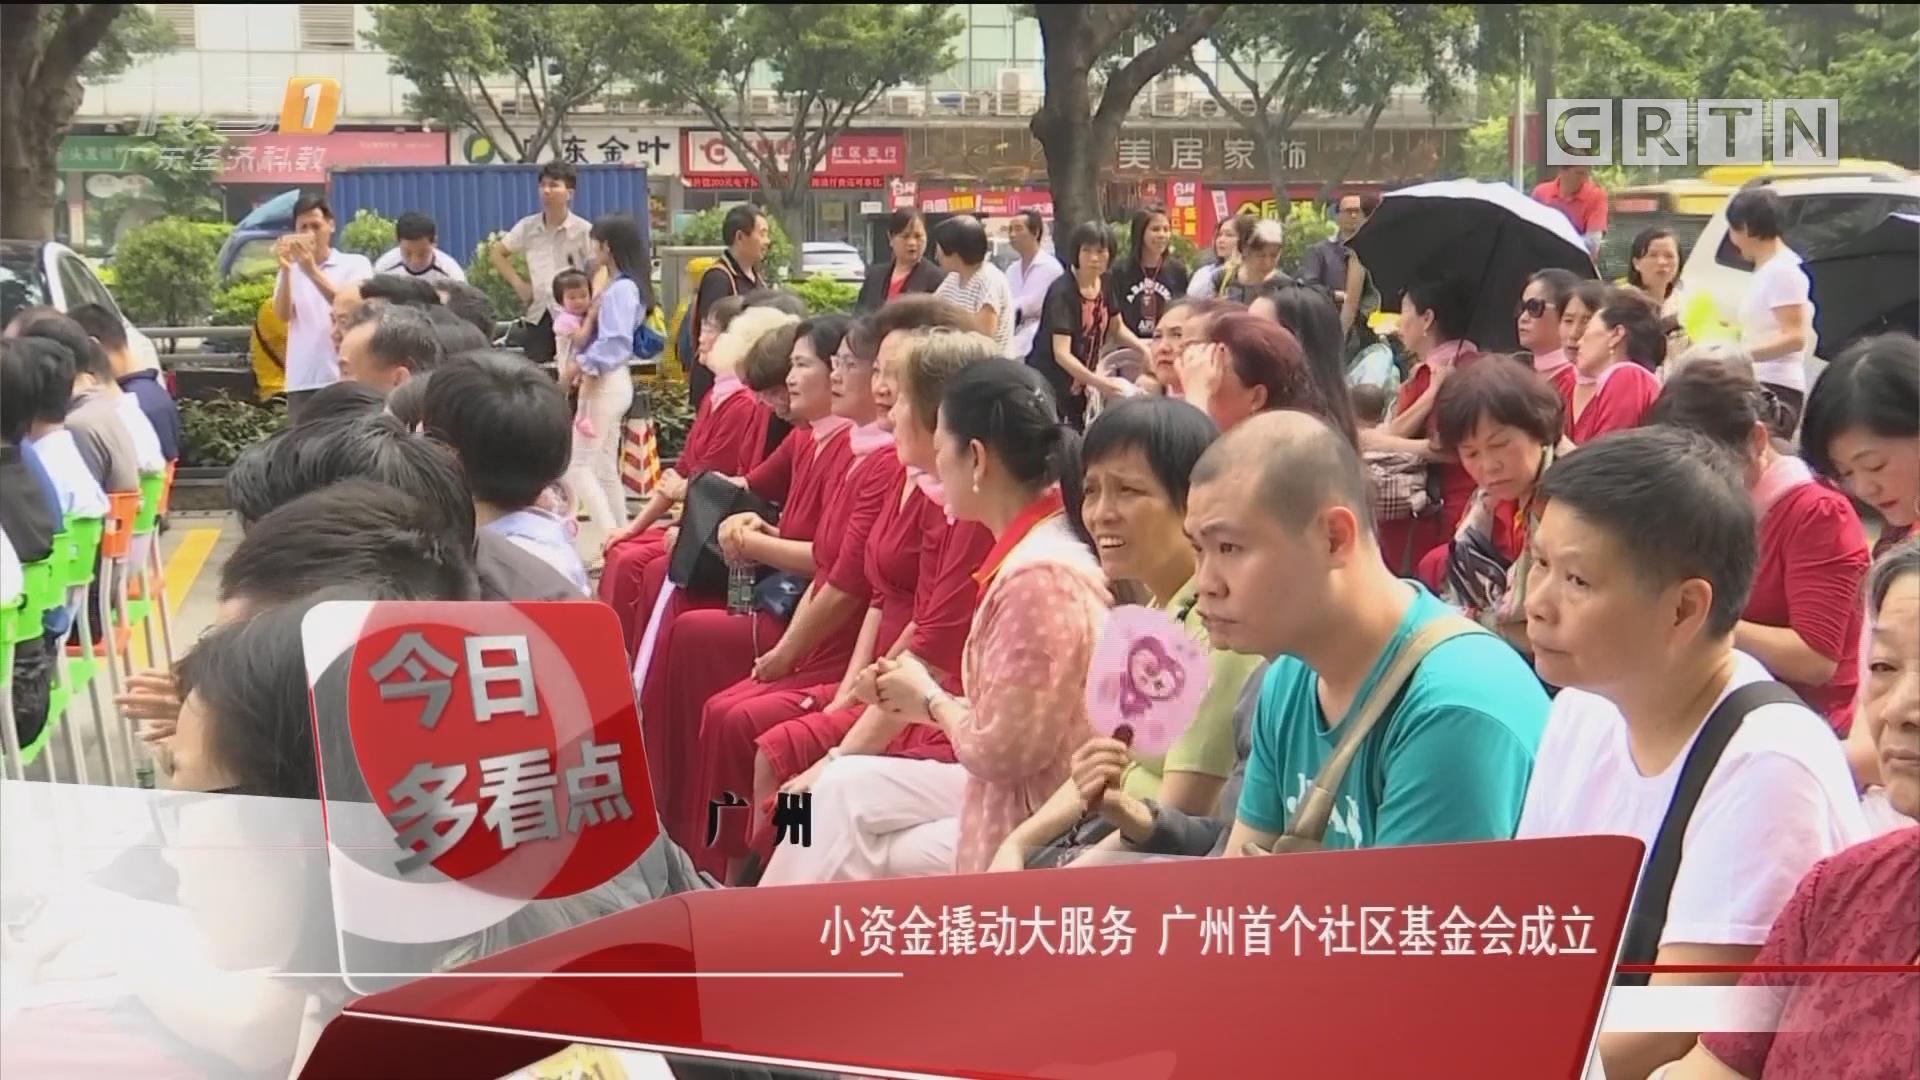 广州:小资金撬动大服务 广州首个社区基金会成立